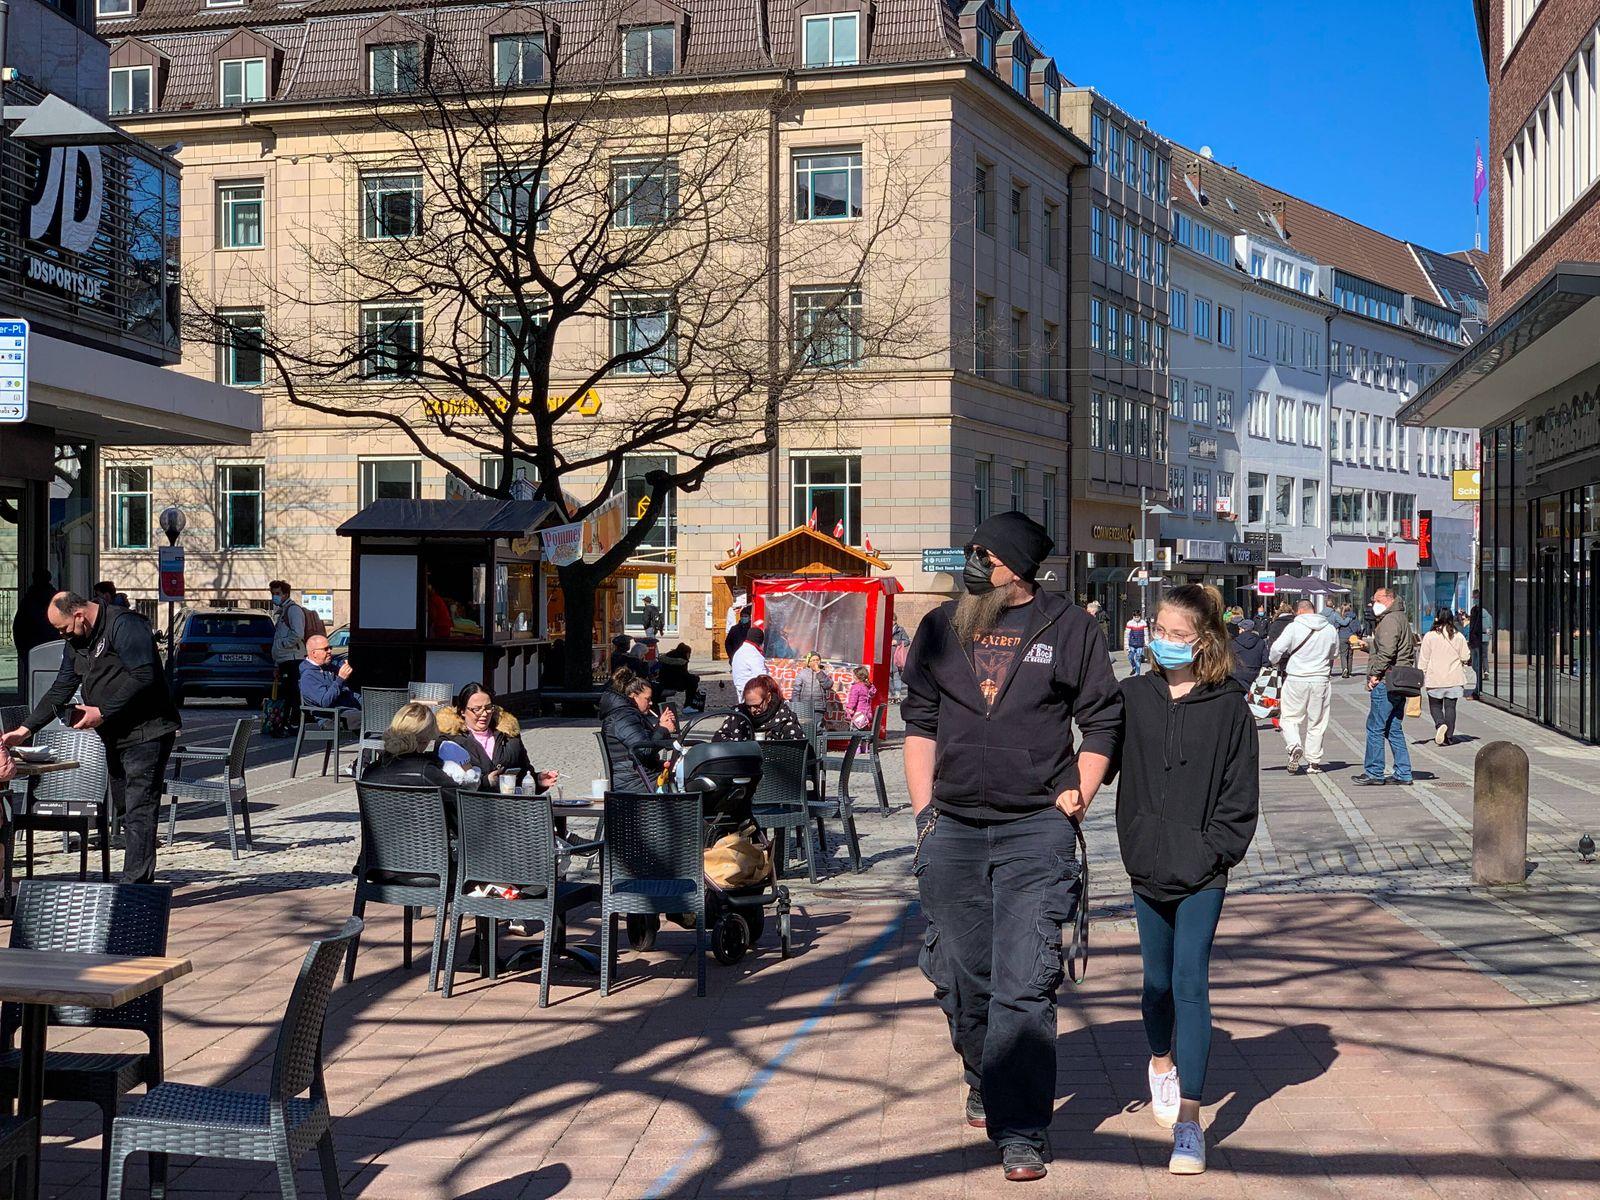 Die Außengastronomie in der Kieler Innenstadt während des Corona Lockdowns kann vorerst wieder öffnen, entscheident sin